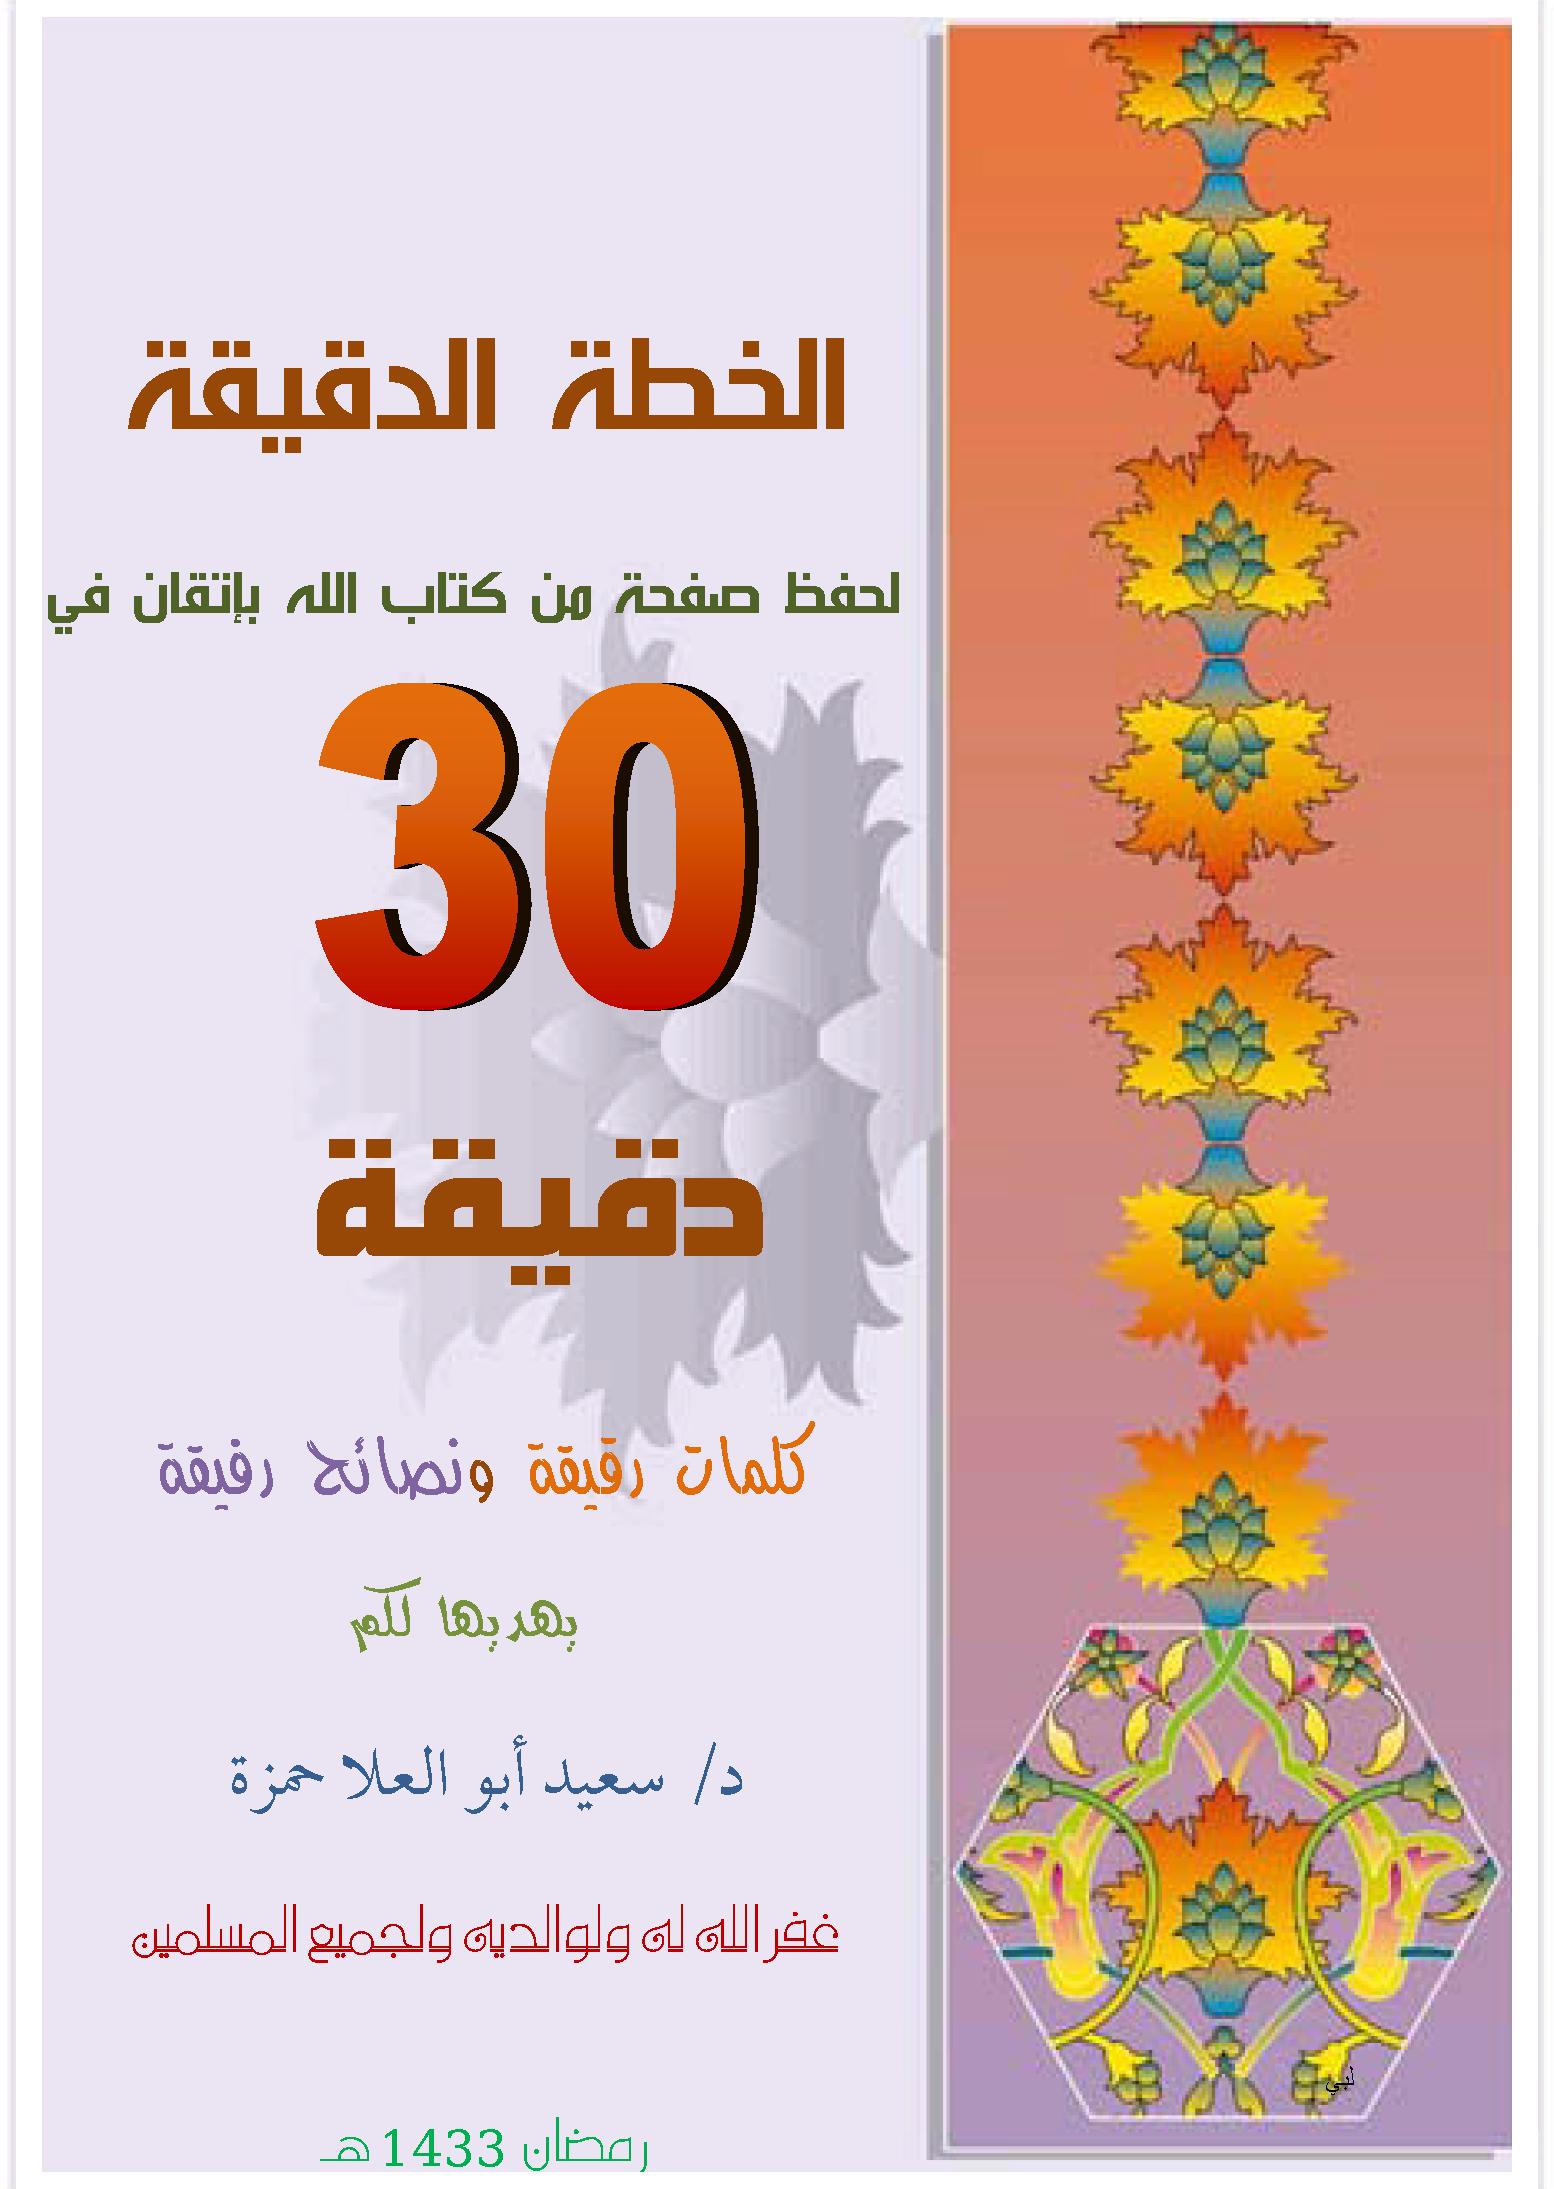 تحميل كتاب الخطة الدقيقة في حفظ صفحة من كتاب الله بإتقان في 30 دقيقة لـِ: الدكتور سعيد أبو العلا أحمد حمزة